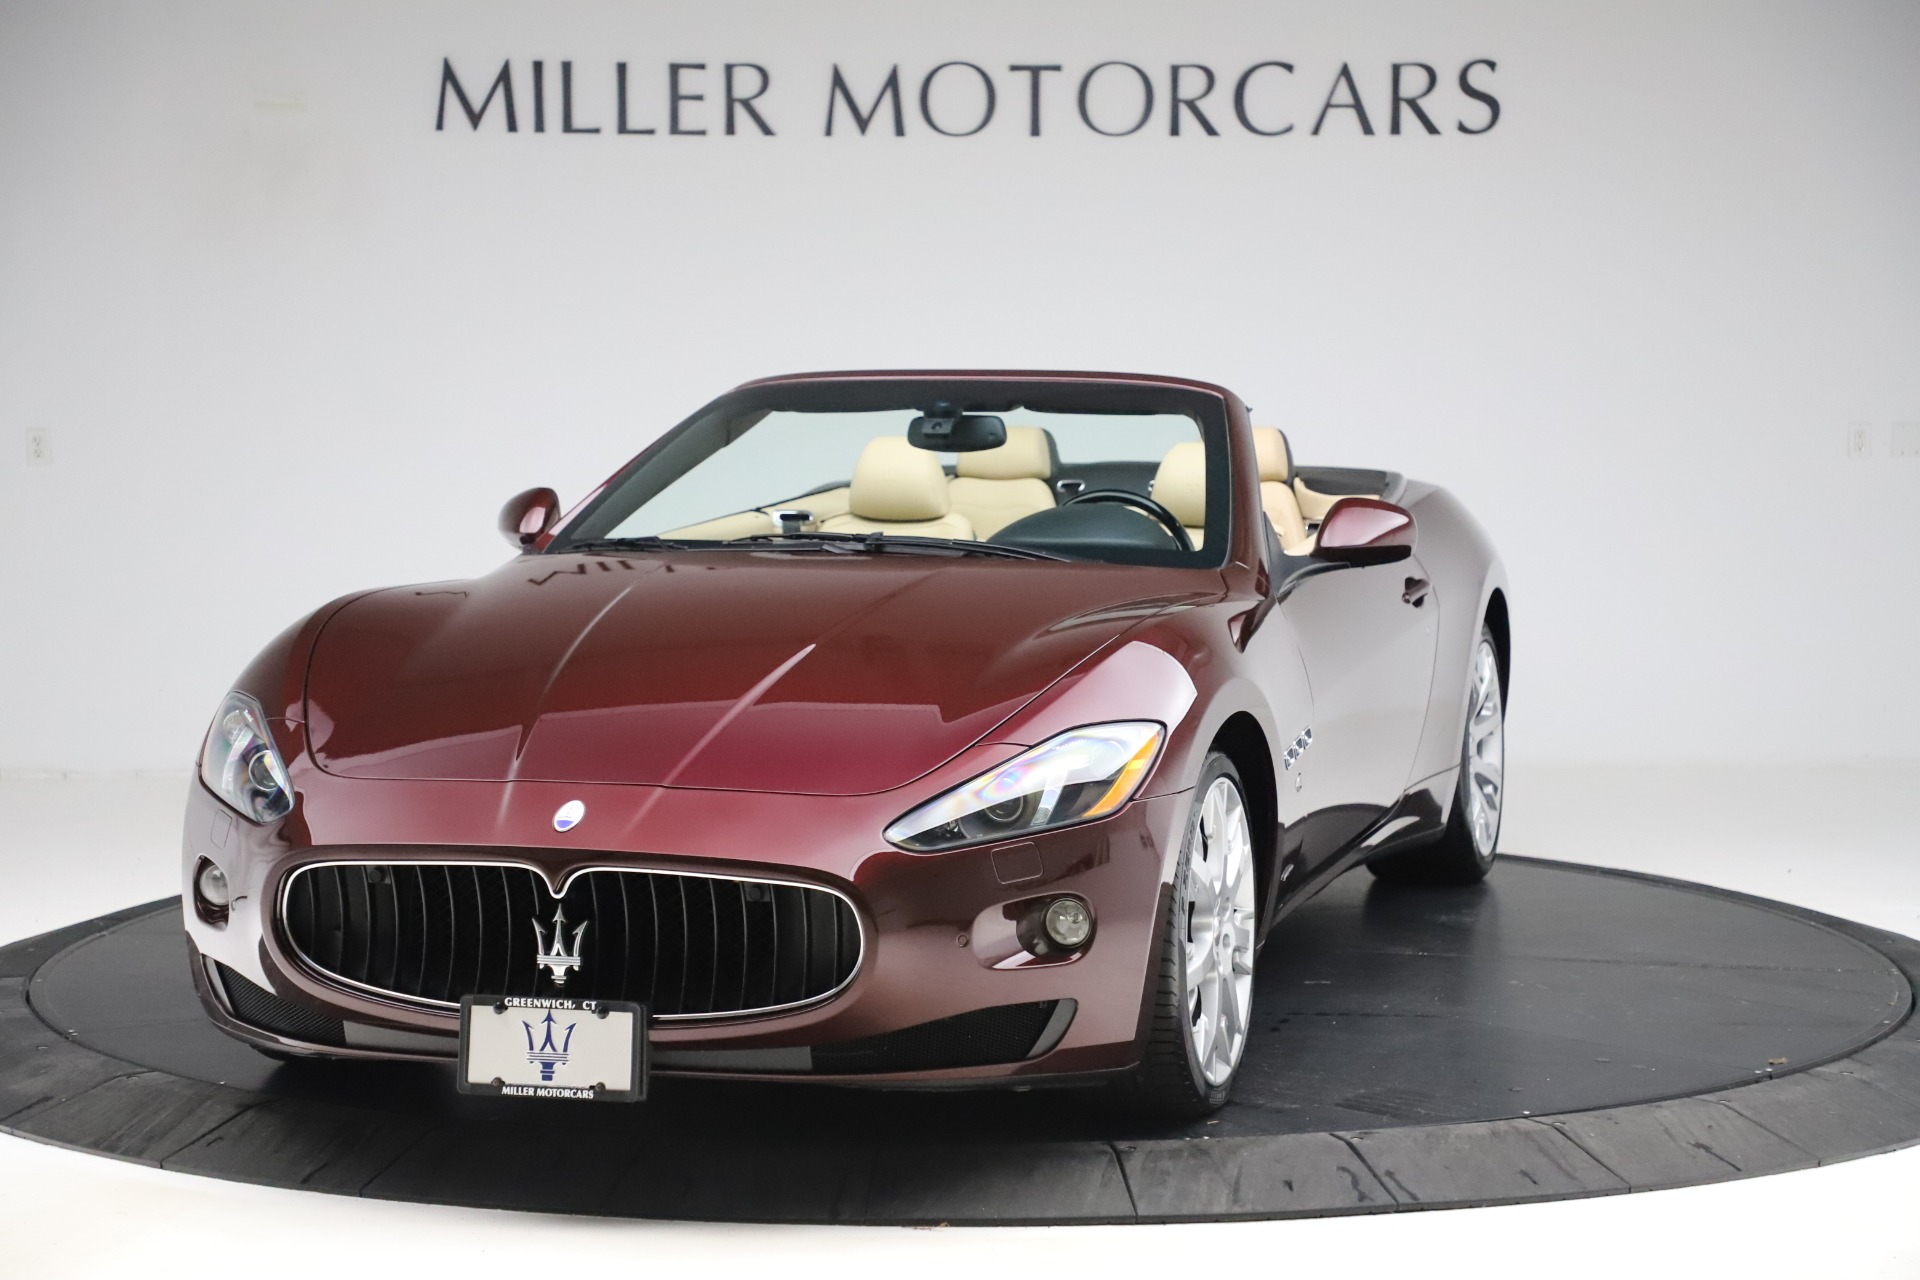 Used 2013 Maserati GranTurismo for sale Sold at Aston Martin of Greenwich in Greenwich CT 06830 1